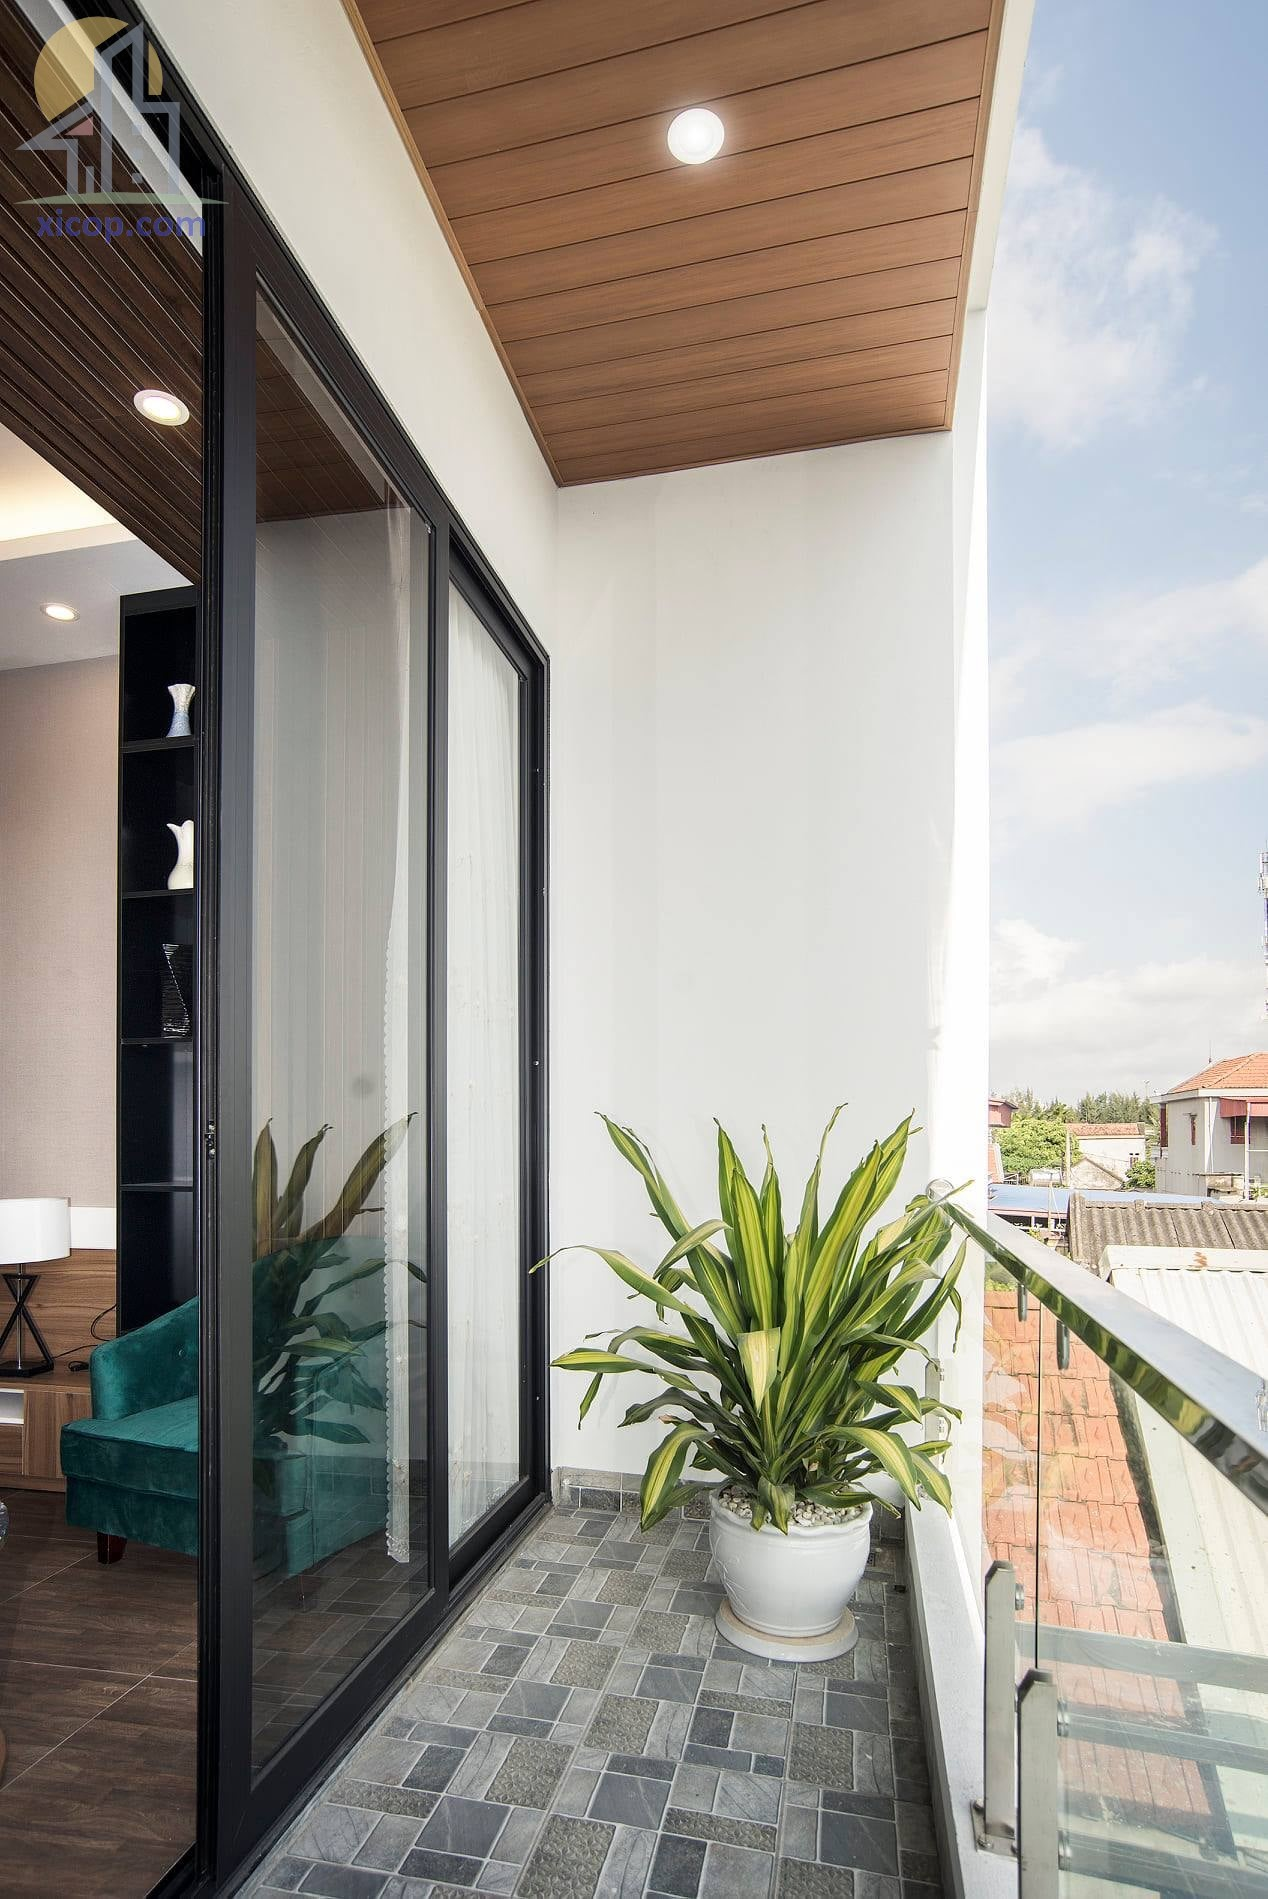 Mẫu nhà phố 3 tầng đẹp hiện đại các mẫu hót nhất năm